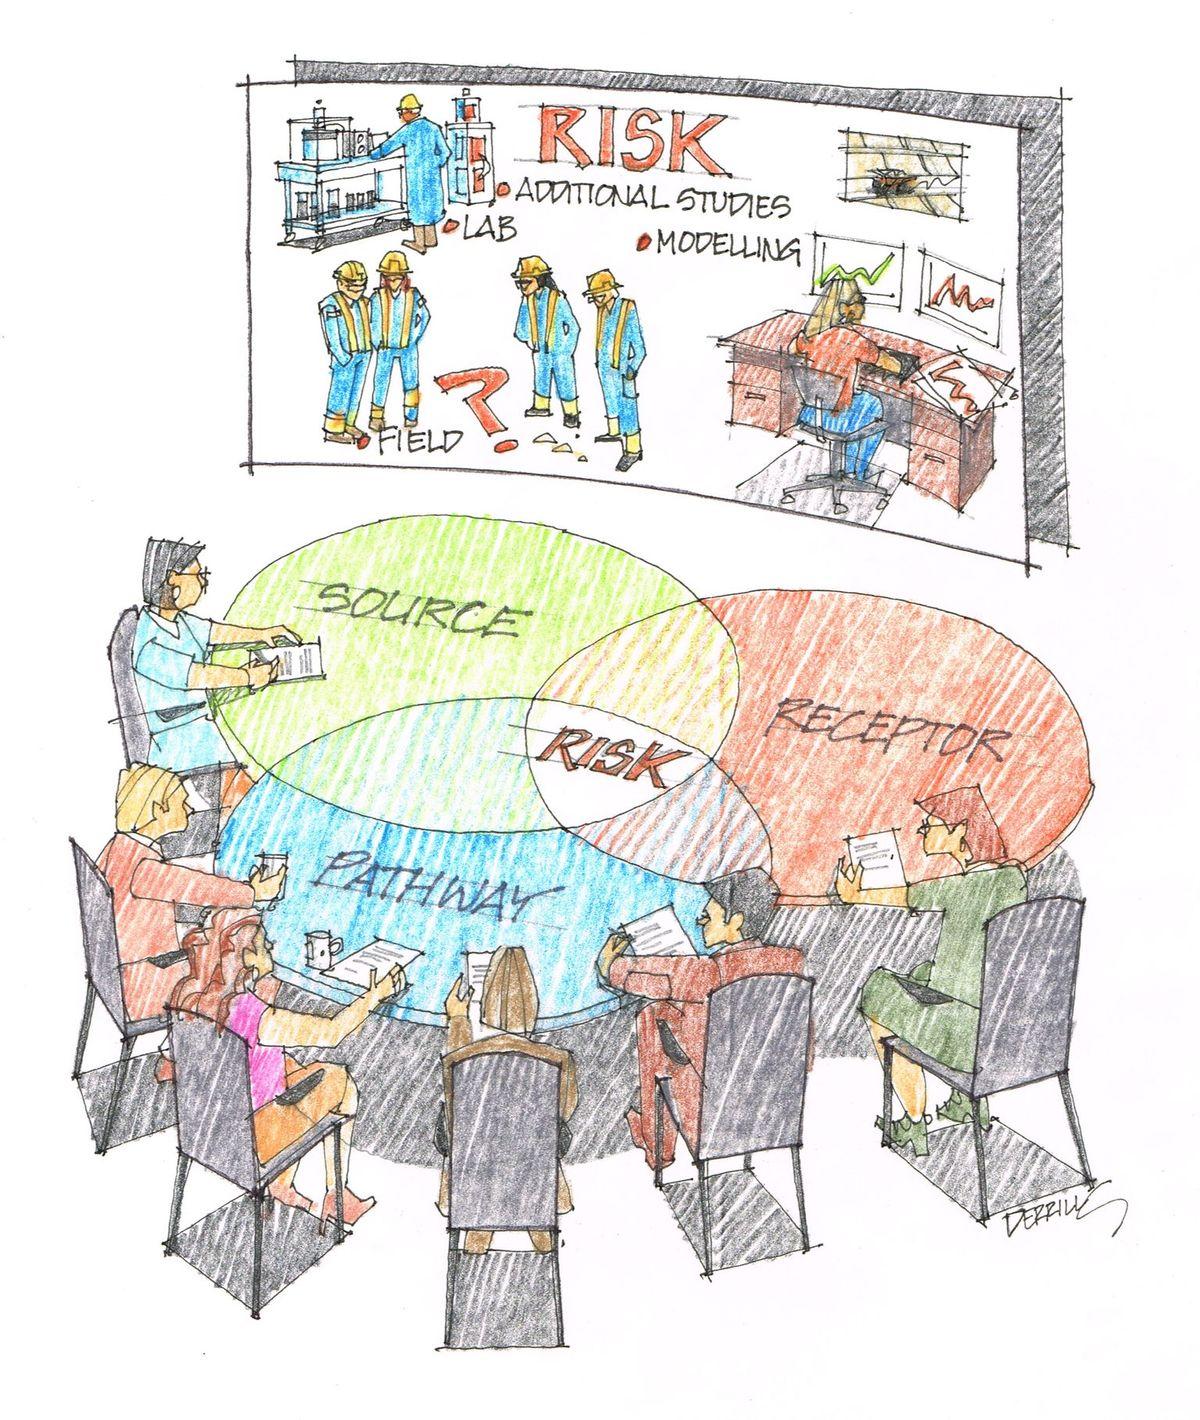 Strategic Risk and Alternatives Assessment 2